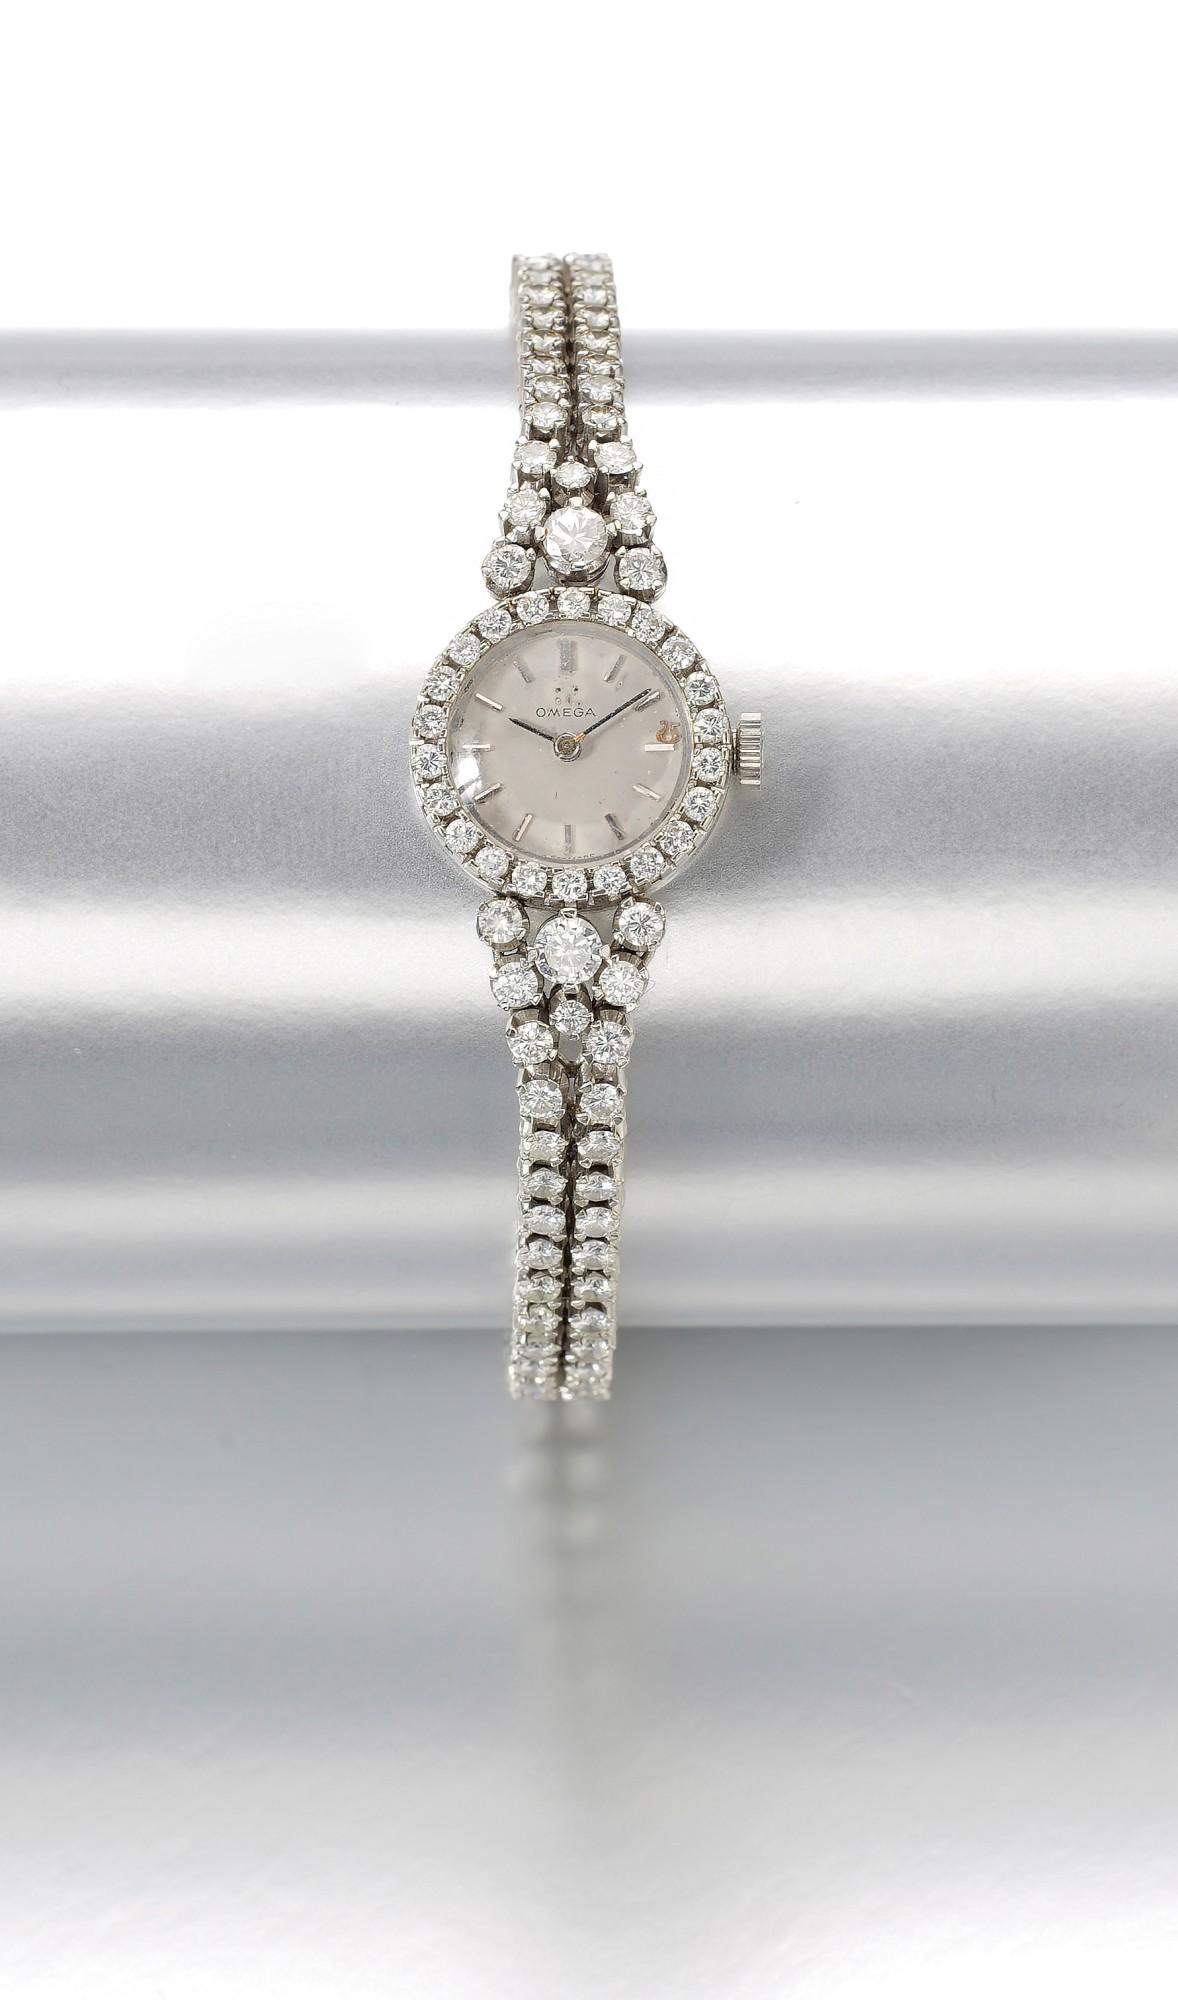 LADY'S DIAMOND WRISTWATCH   OMEGA,  1960s